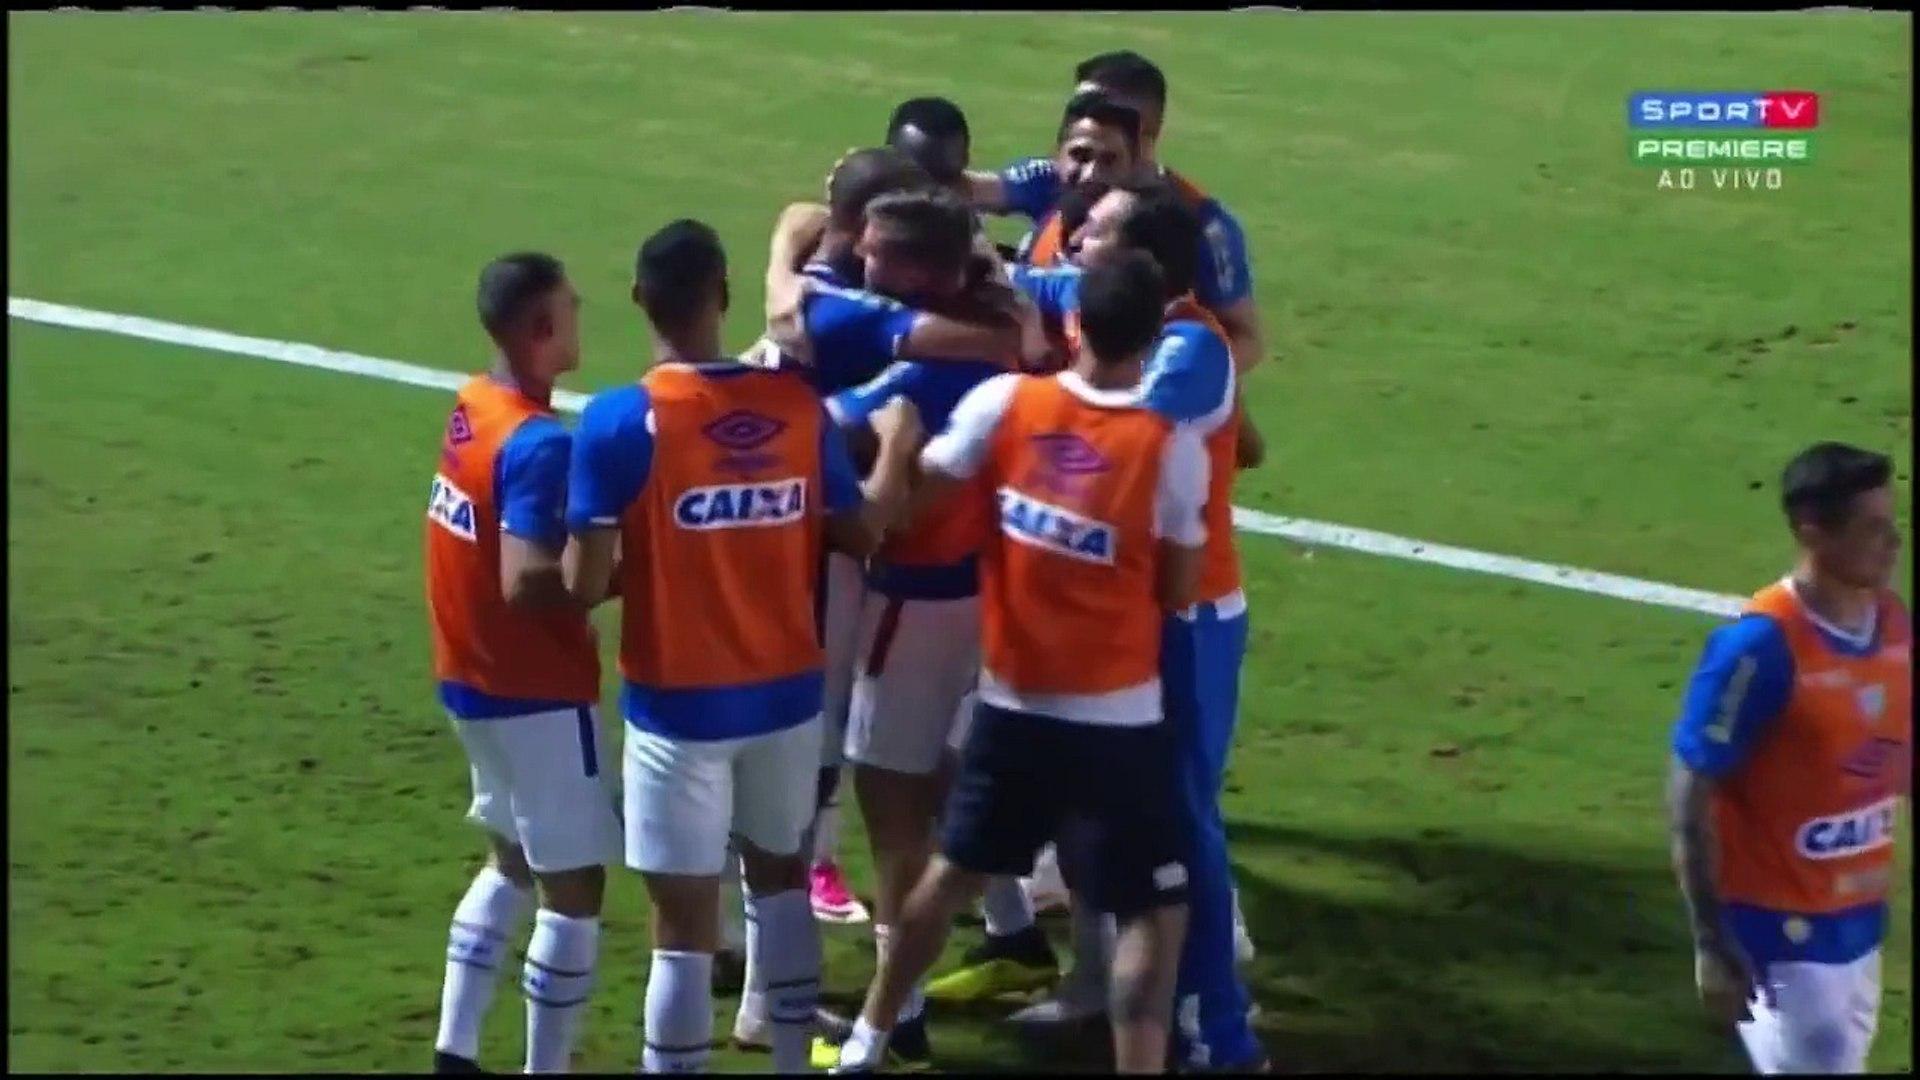 [MELHORES MOMENTOS] Atlético-GO 2 x 2 Avaí - Série B 2018